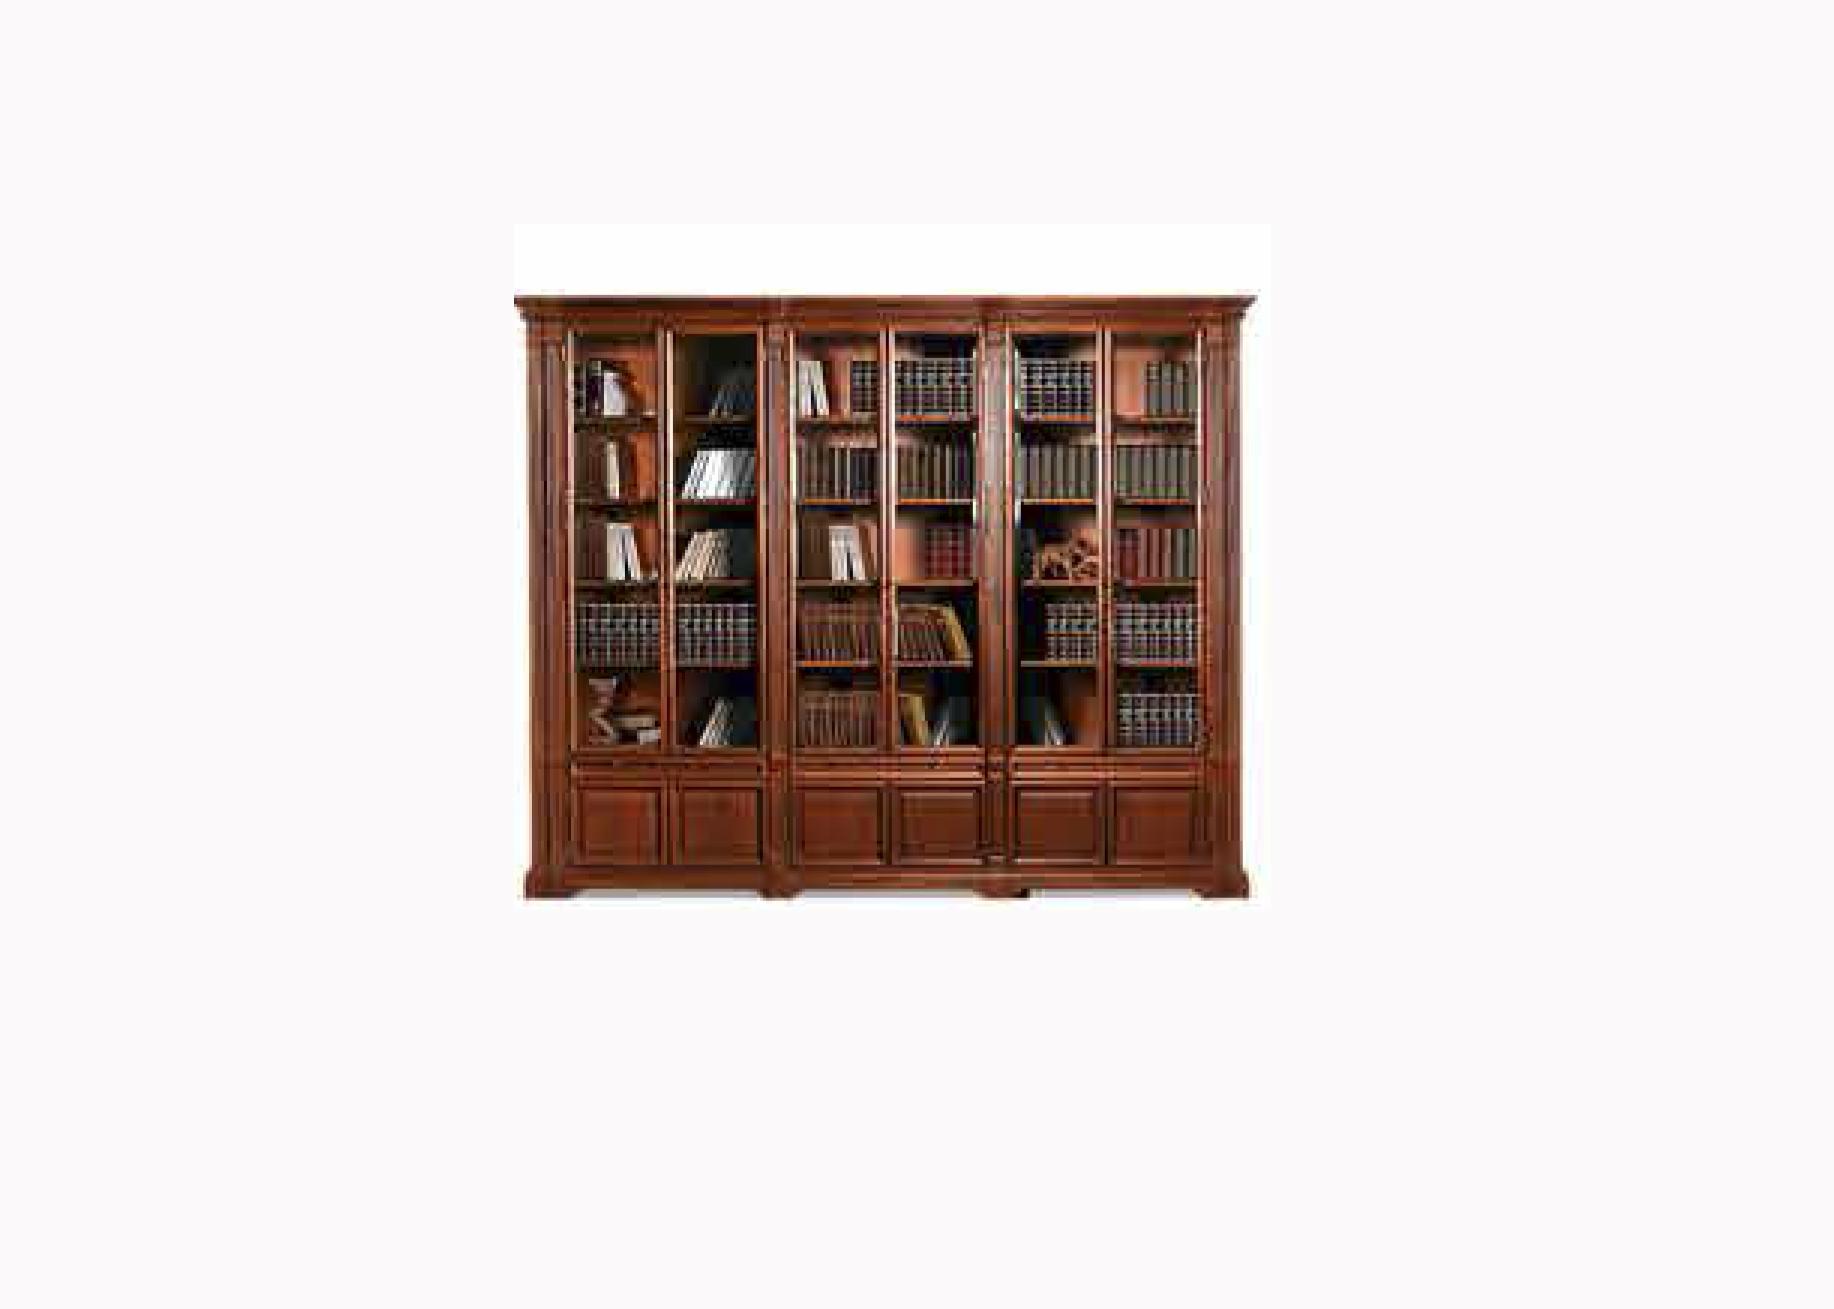 Шкафы фабрики гомельдрев каталог мебели.